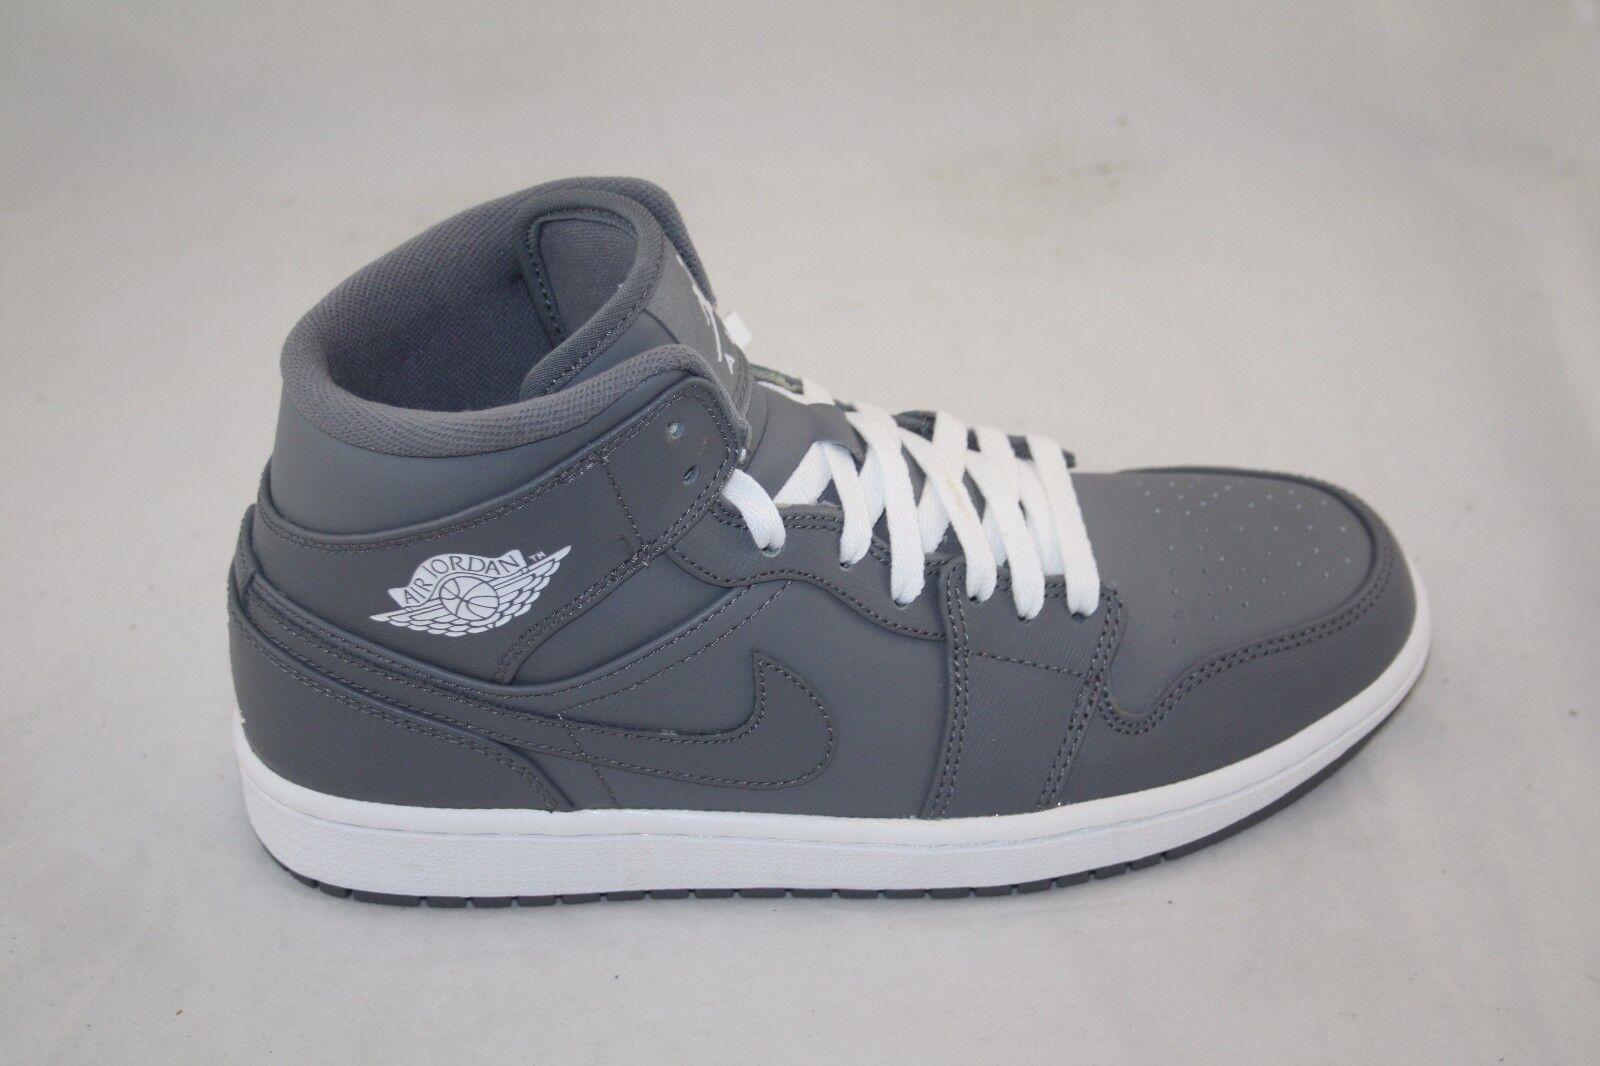 new arrival 26721 a38eb Nuevos Hombres Nike Air Air Air Jordan 1 Mid 554724-003 CoolGris   Blanco  Precio